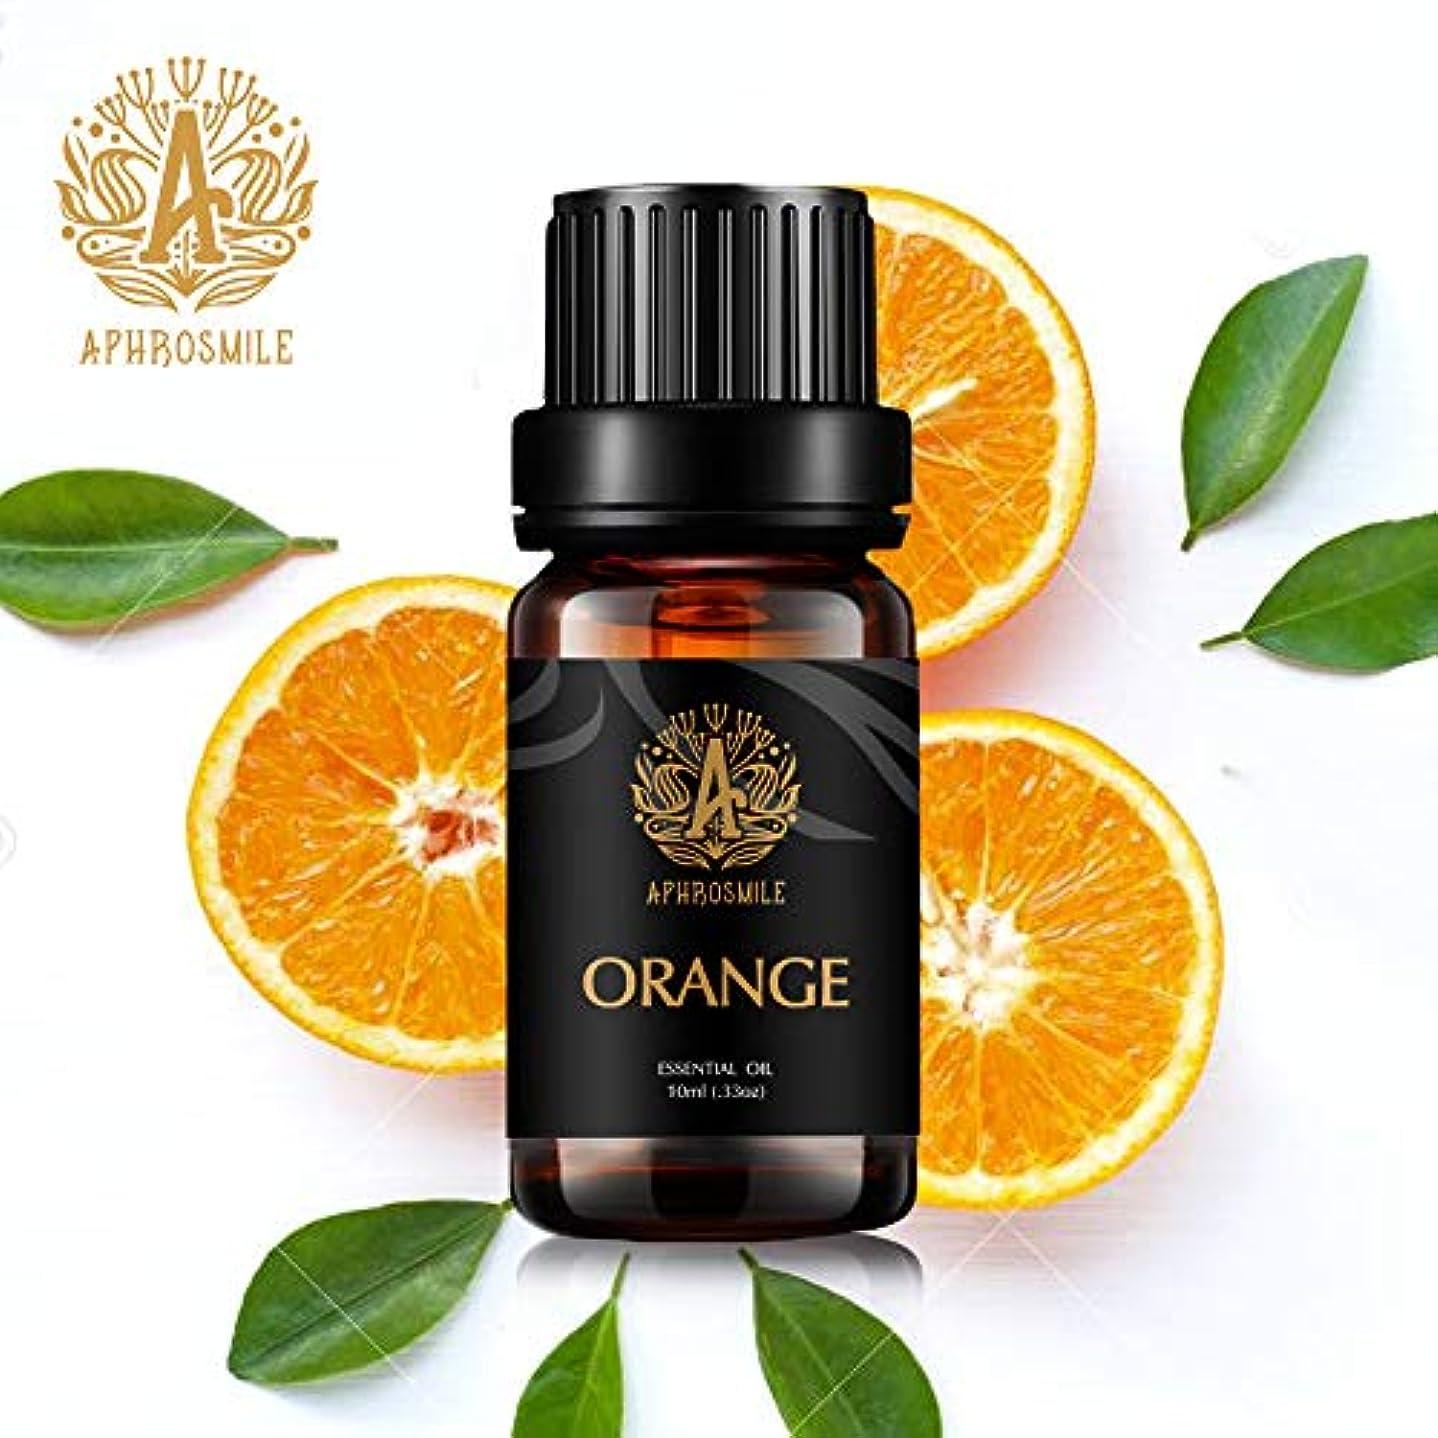 いちゃつく人に関する限り匿名Aphrosmile オレンジ エッセンシャル オイル FDA 認定 100% ピュア オレンジ オイル、有機治療グレードのアロマテラピー エッセンシャル オイル 10mL/0.33oz